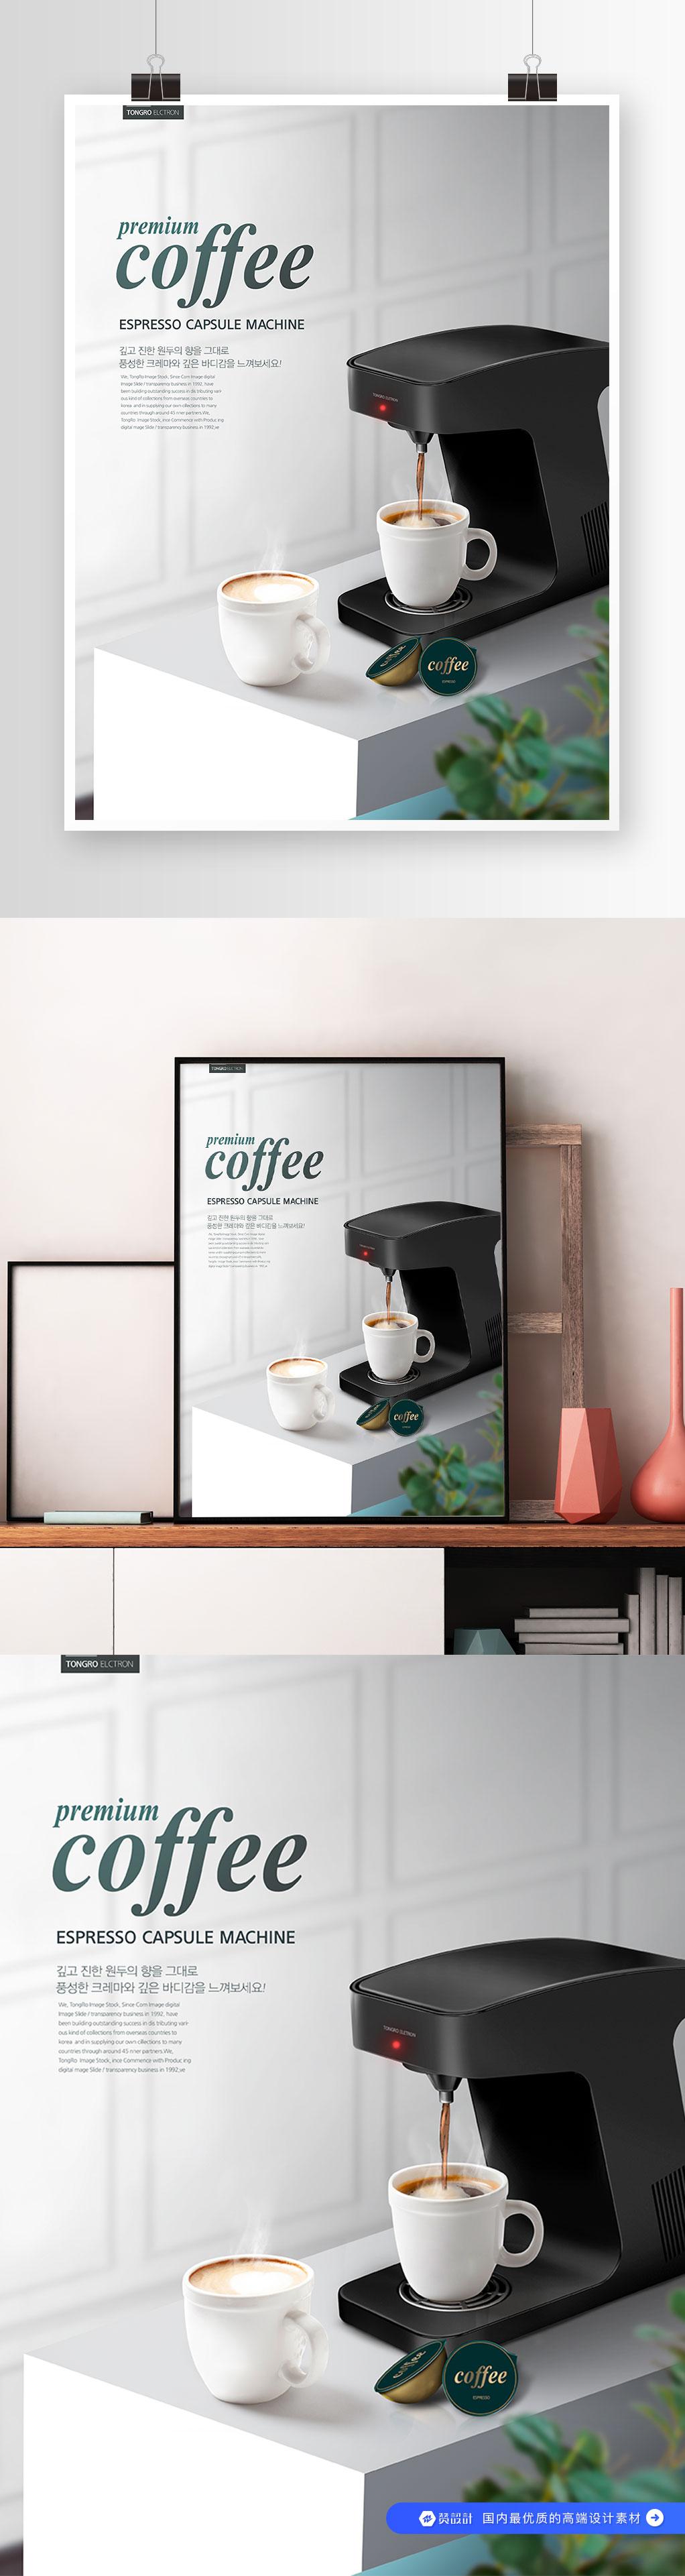 小家电咖啡机海报